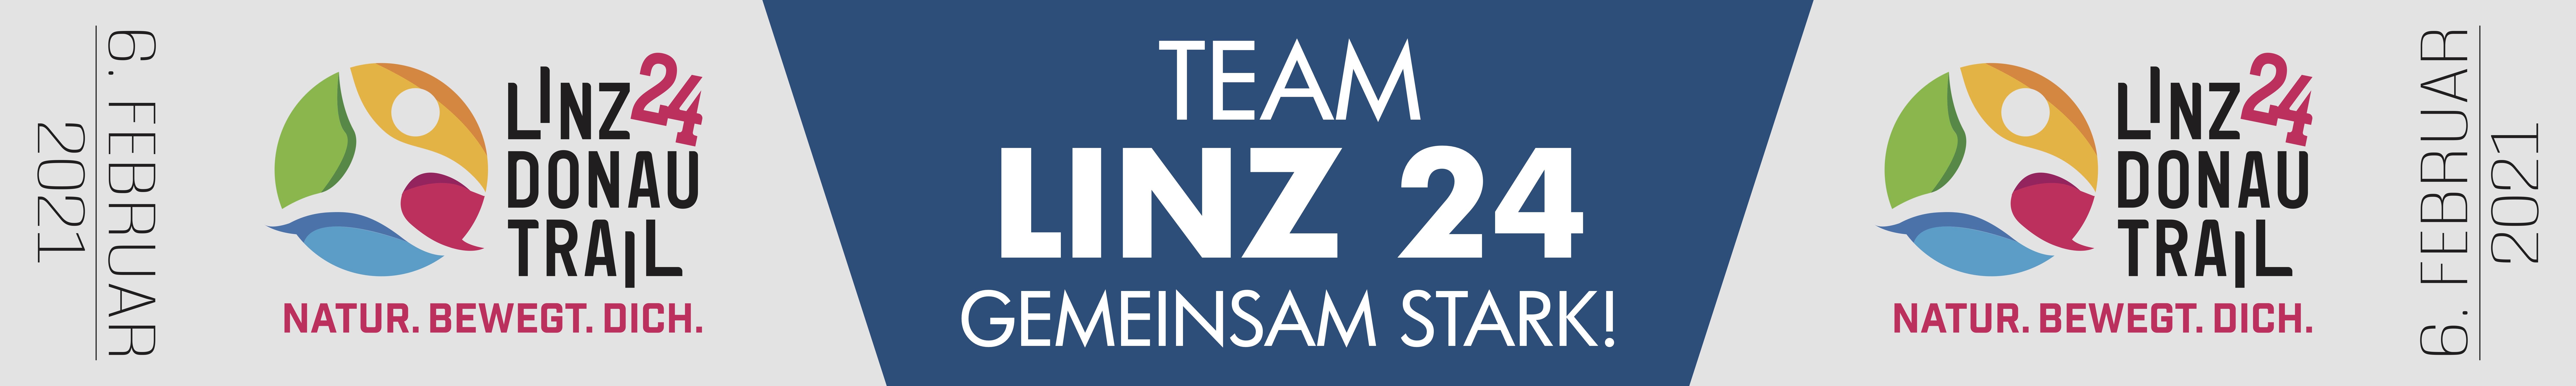 Teambanner LinzDonauTrail